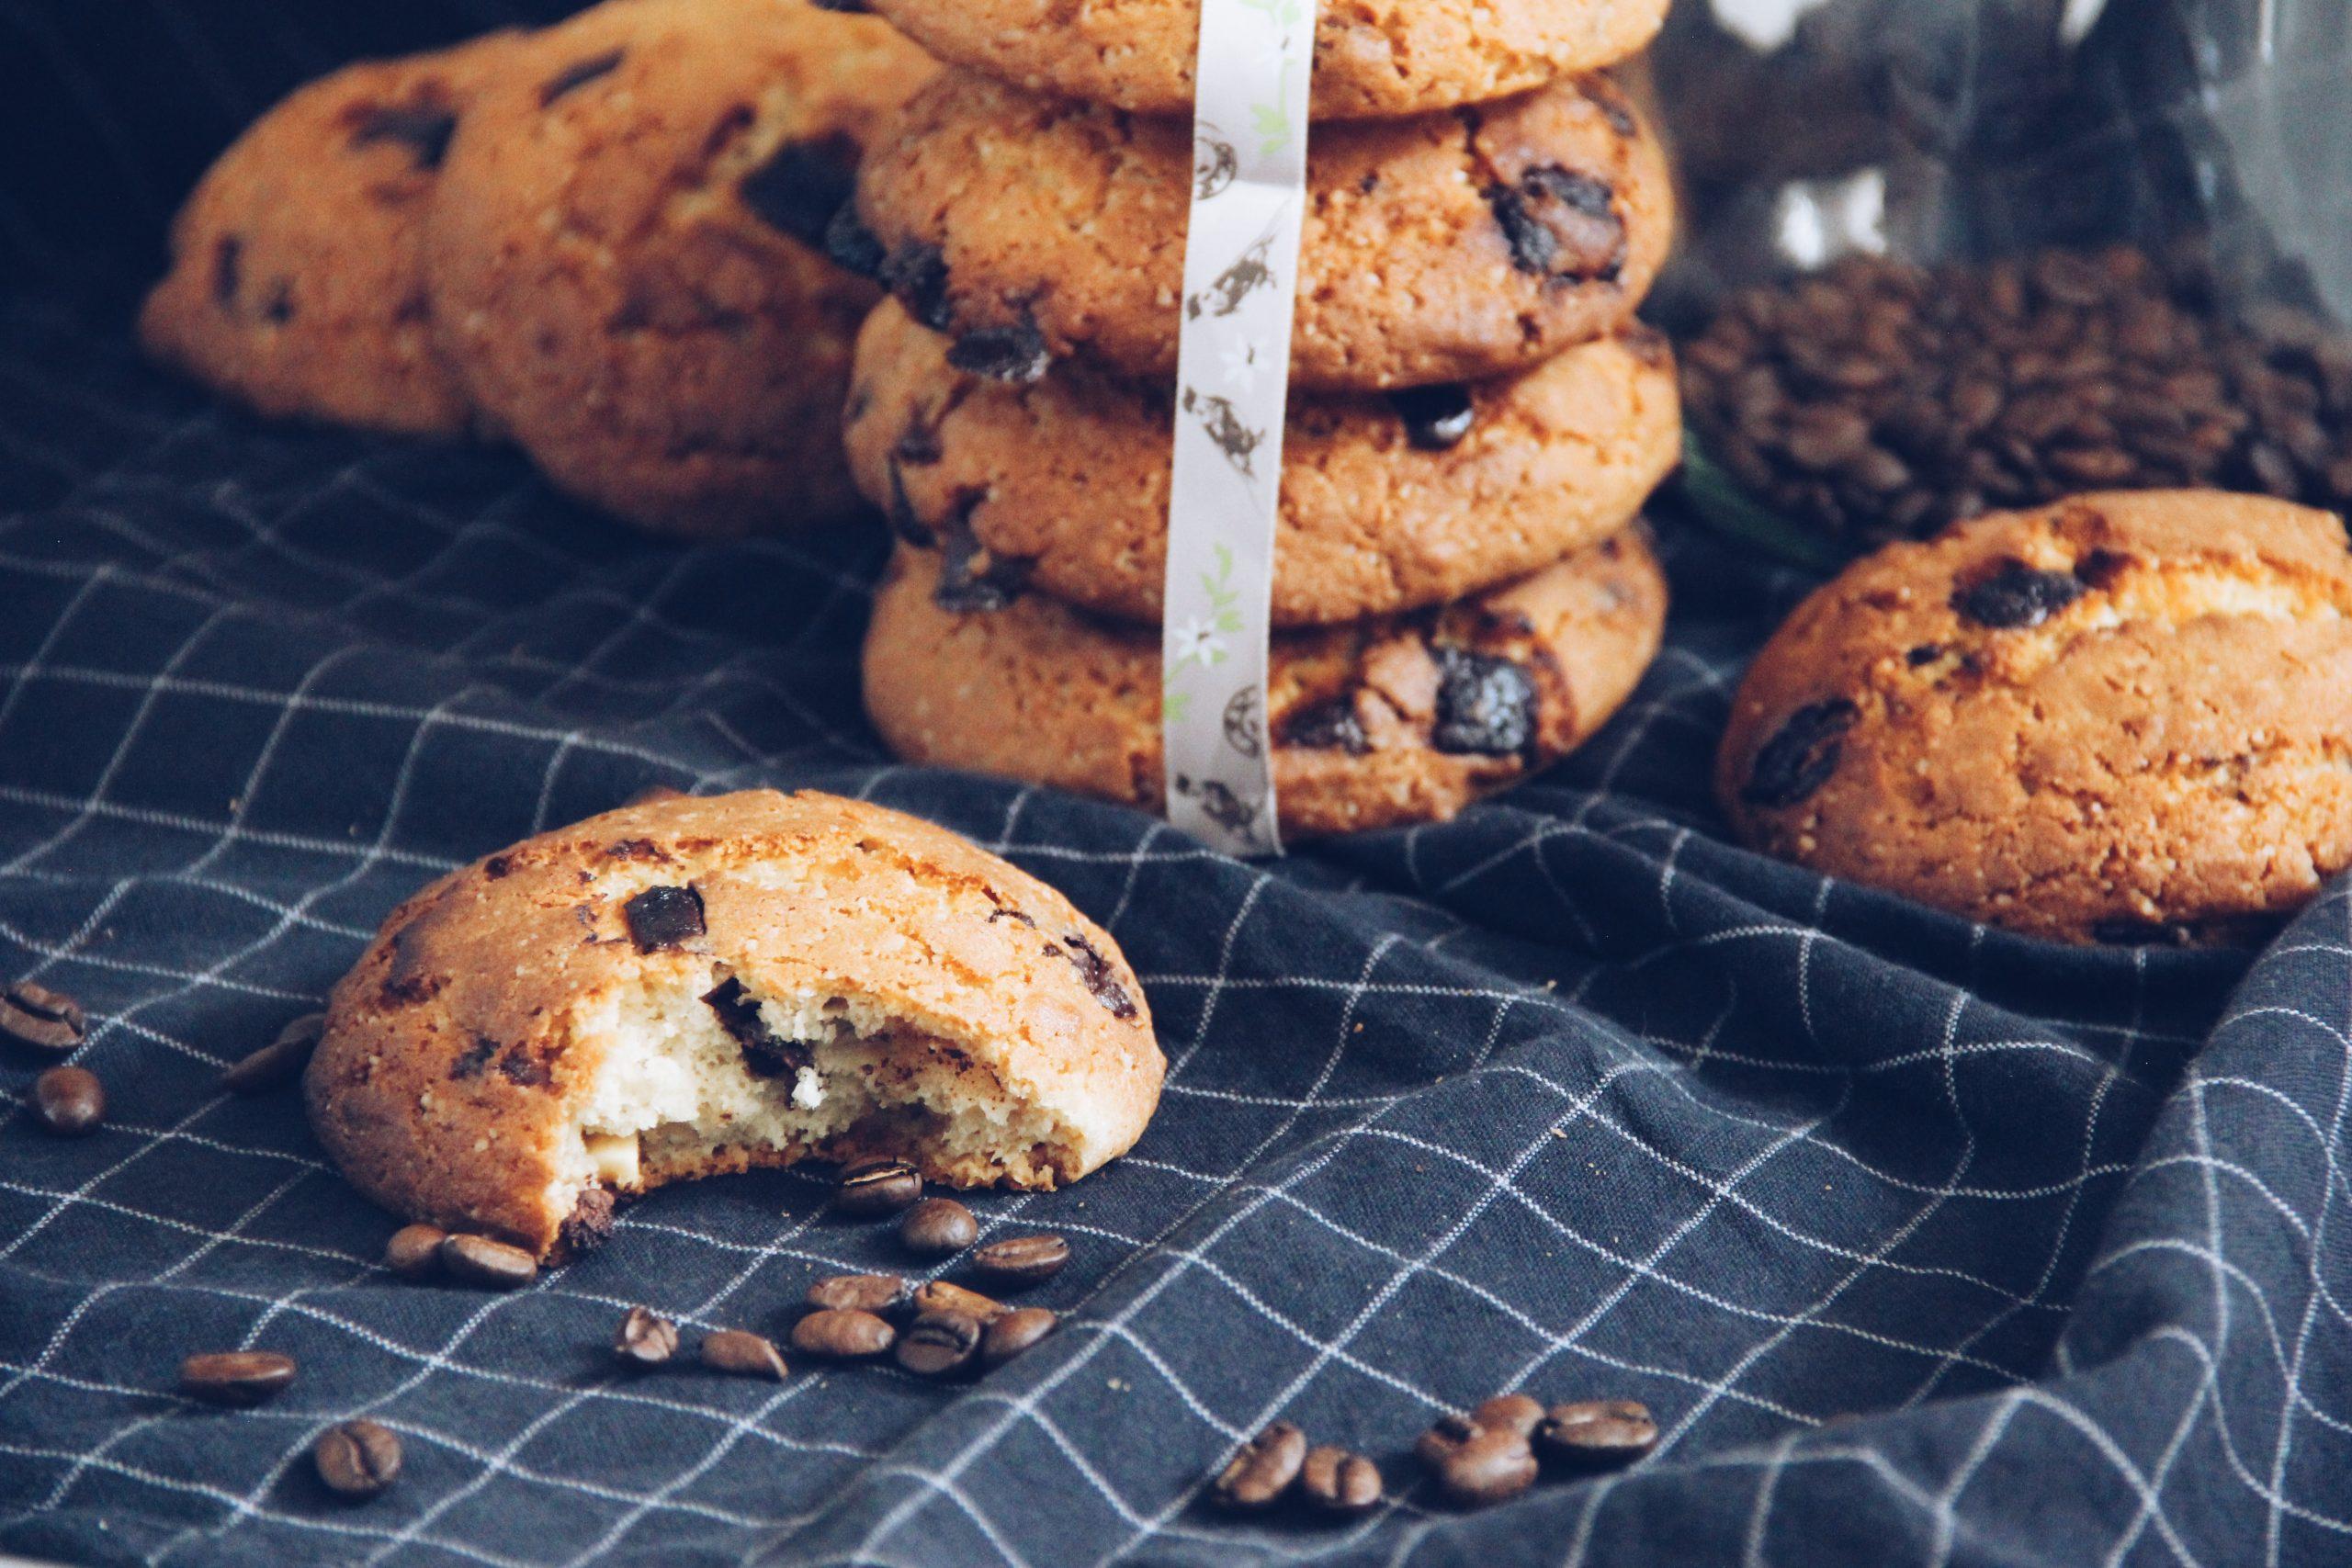 m2bio-sciences-$wuhn-functional-foods-medspresso-cookies-internet-bull-report